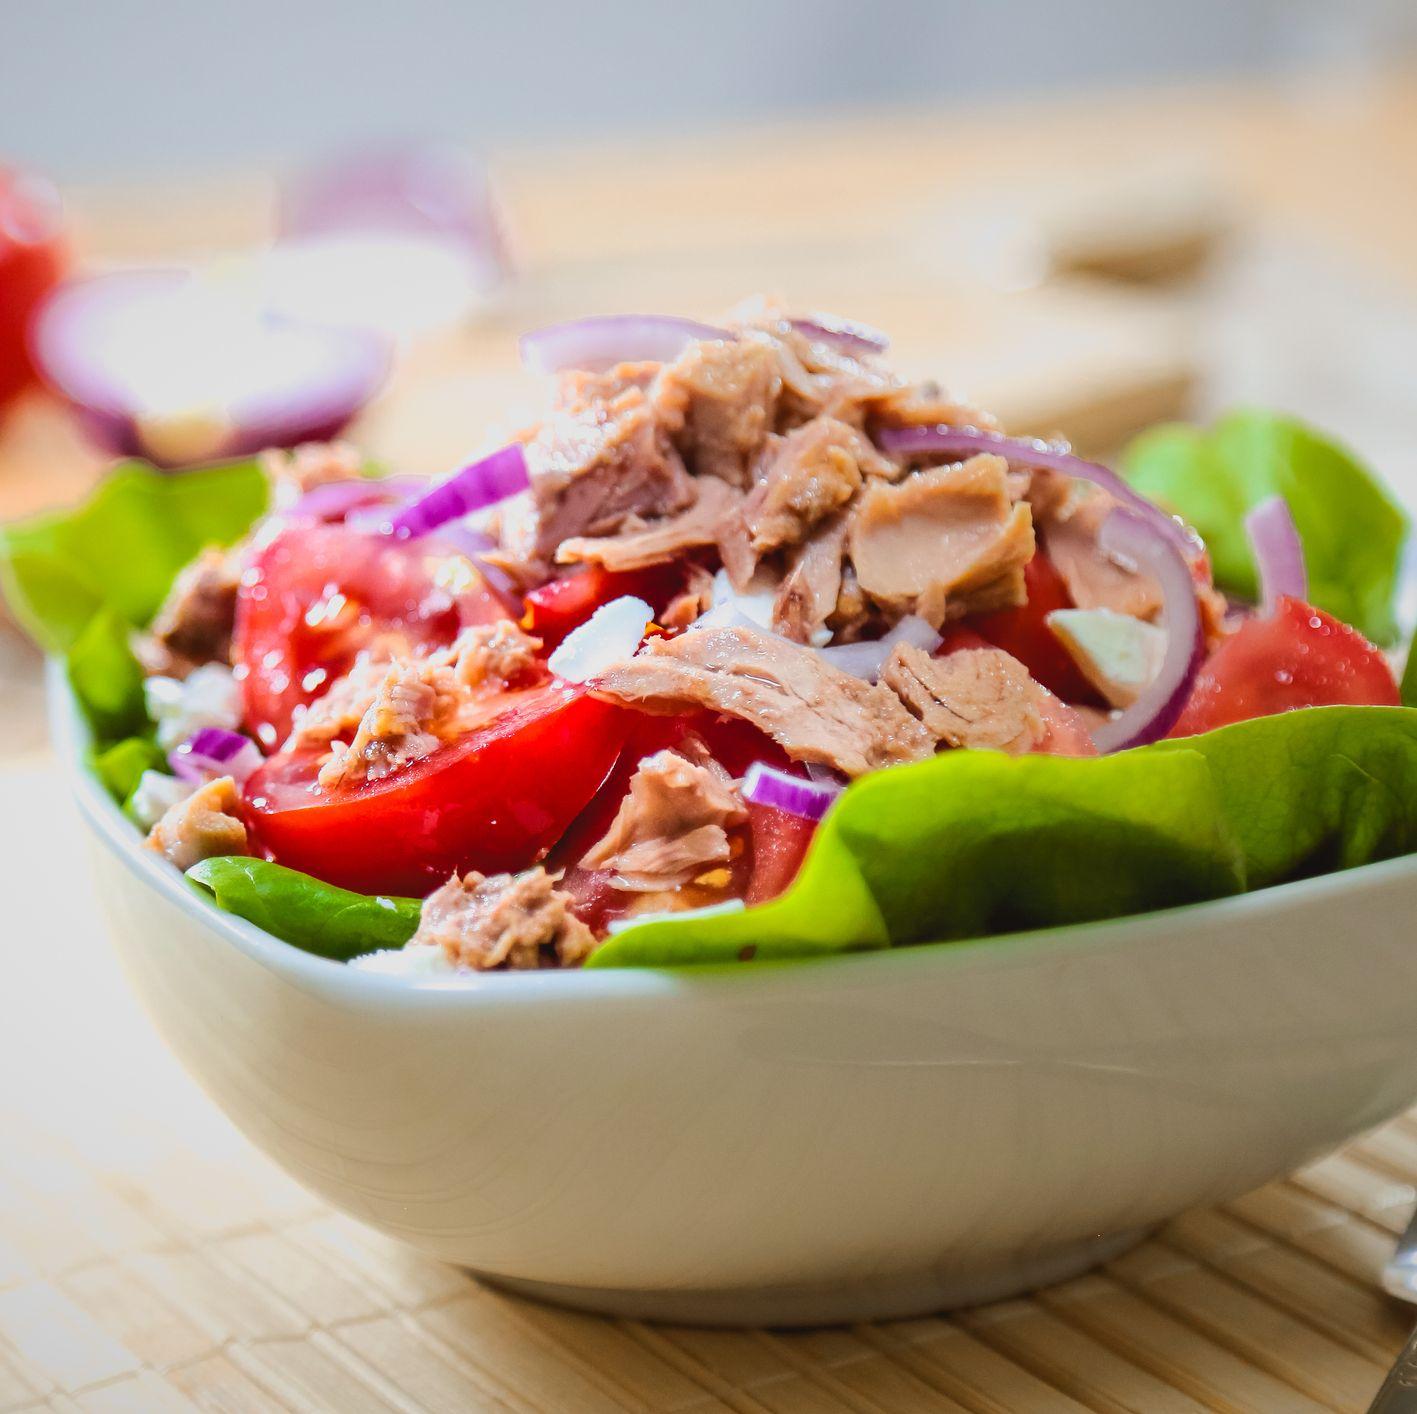 Fresh and colorful tuna salad